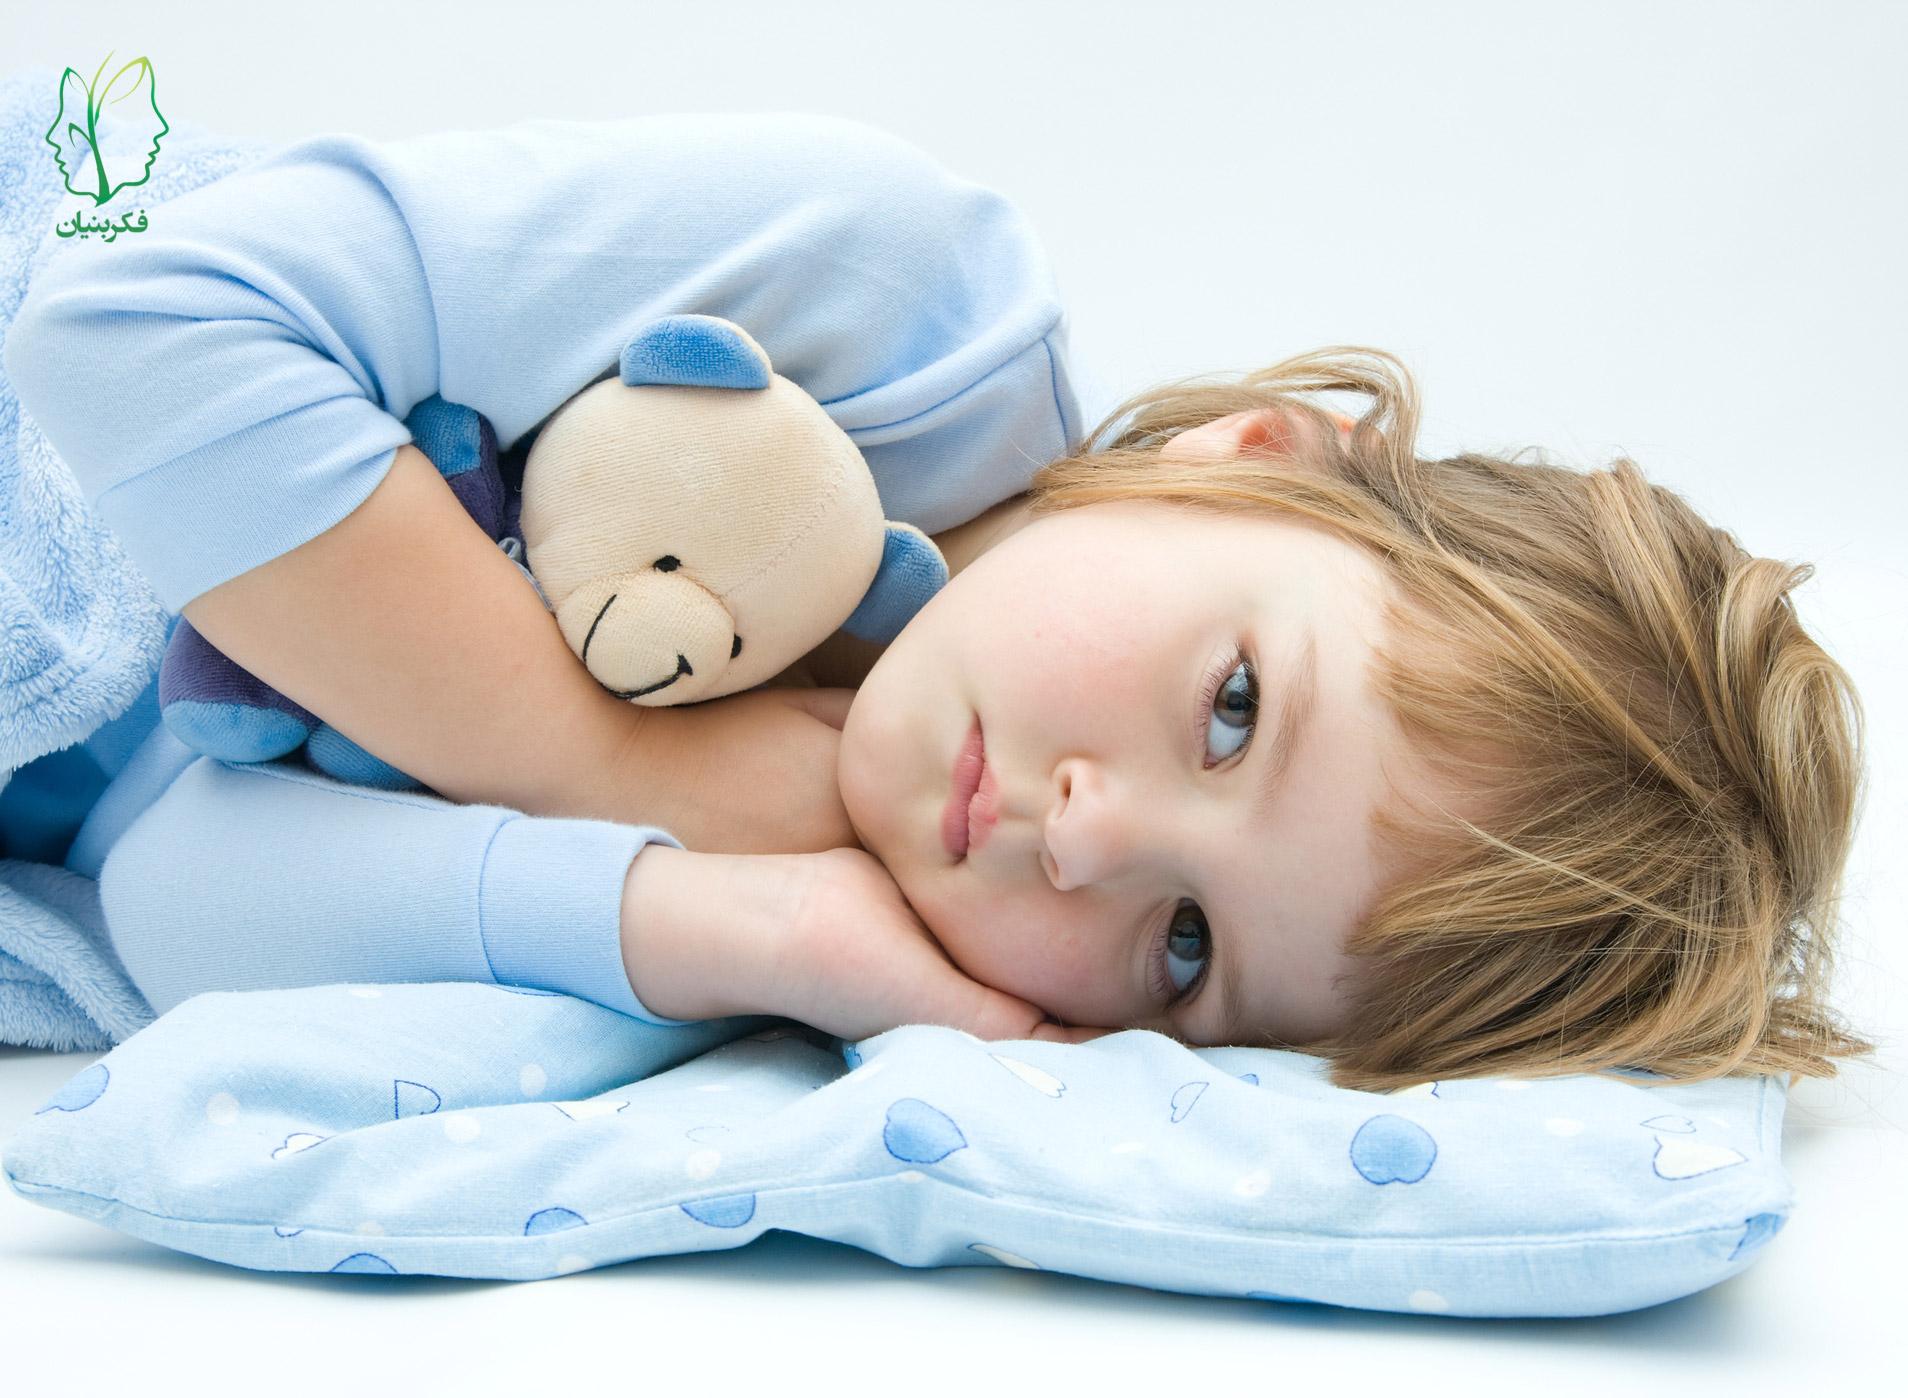 بیماری مزمن در کودکان